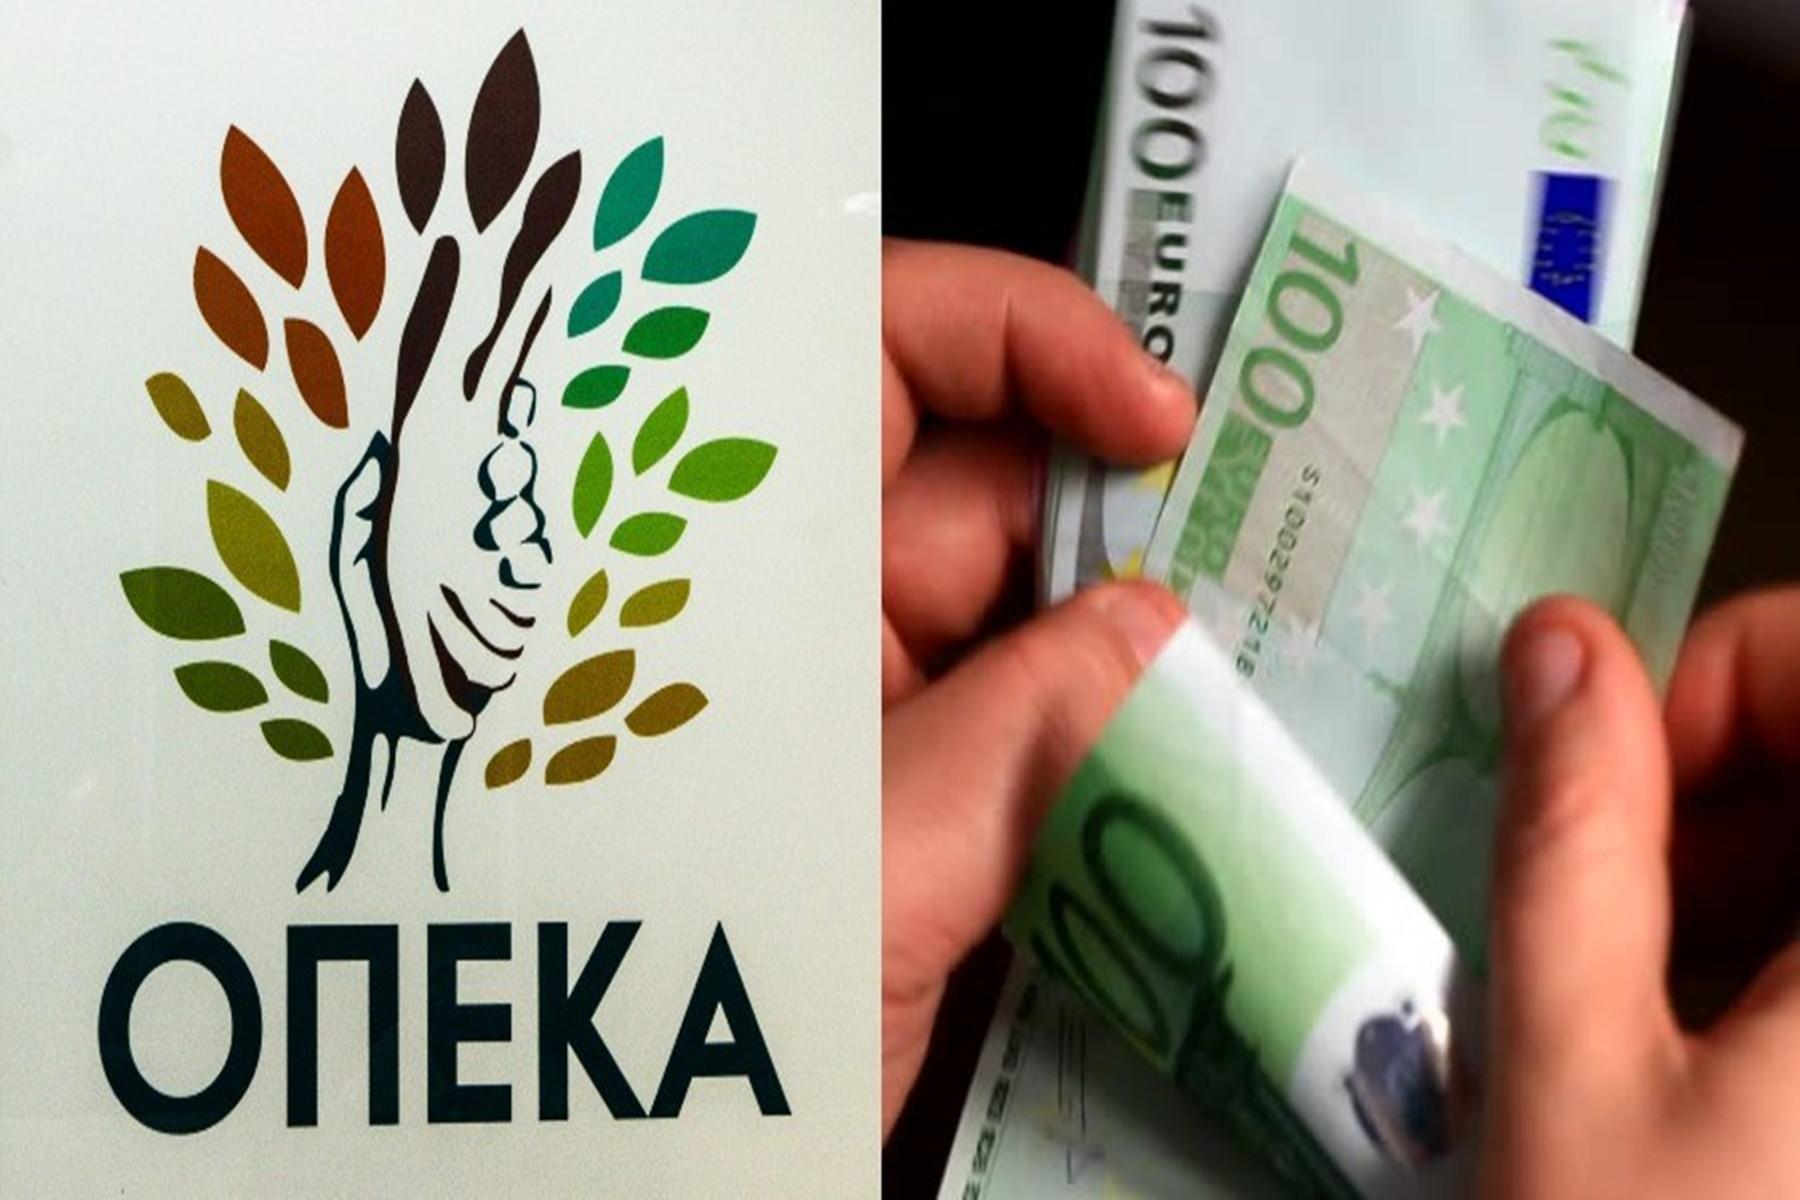 ΟΠΕΚΑ : Παράταση προγραμμάτων λογαριασμού αγροτικής εστίας